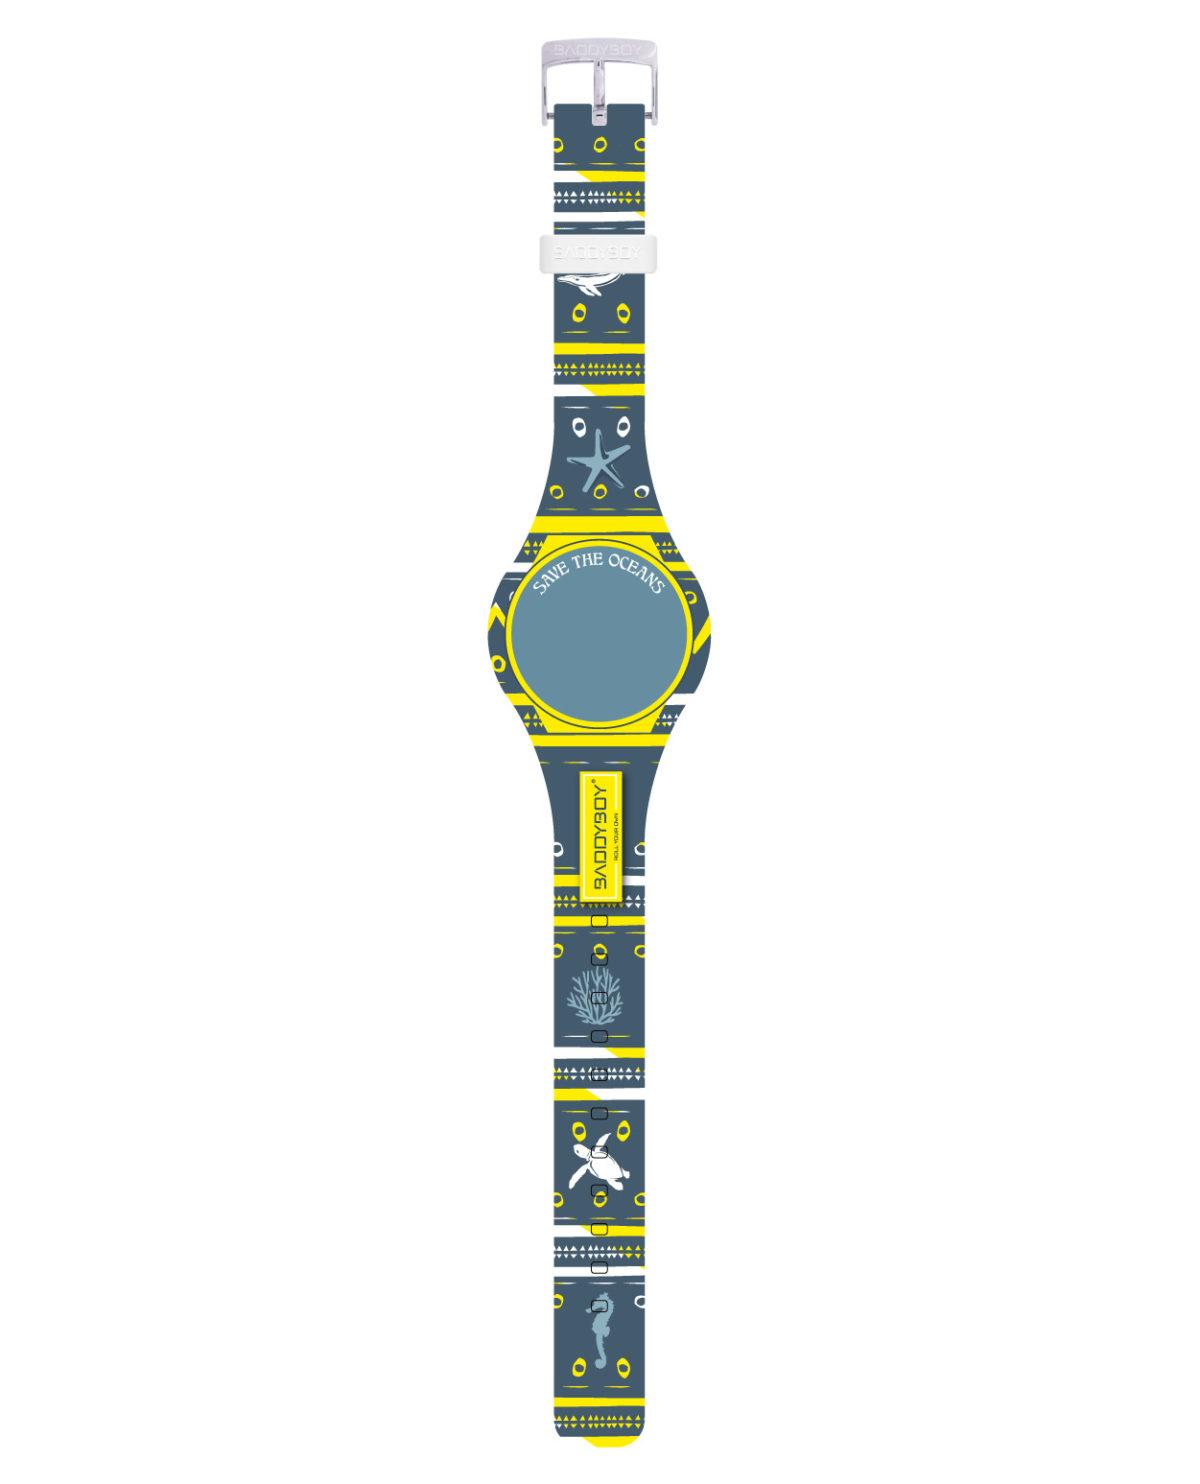 BaddyBoy Relógios colecção SAVE THE OCEANS